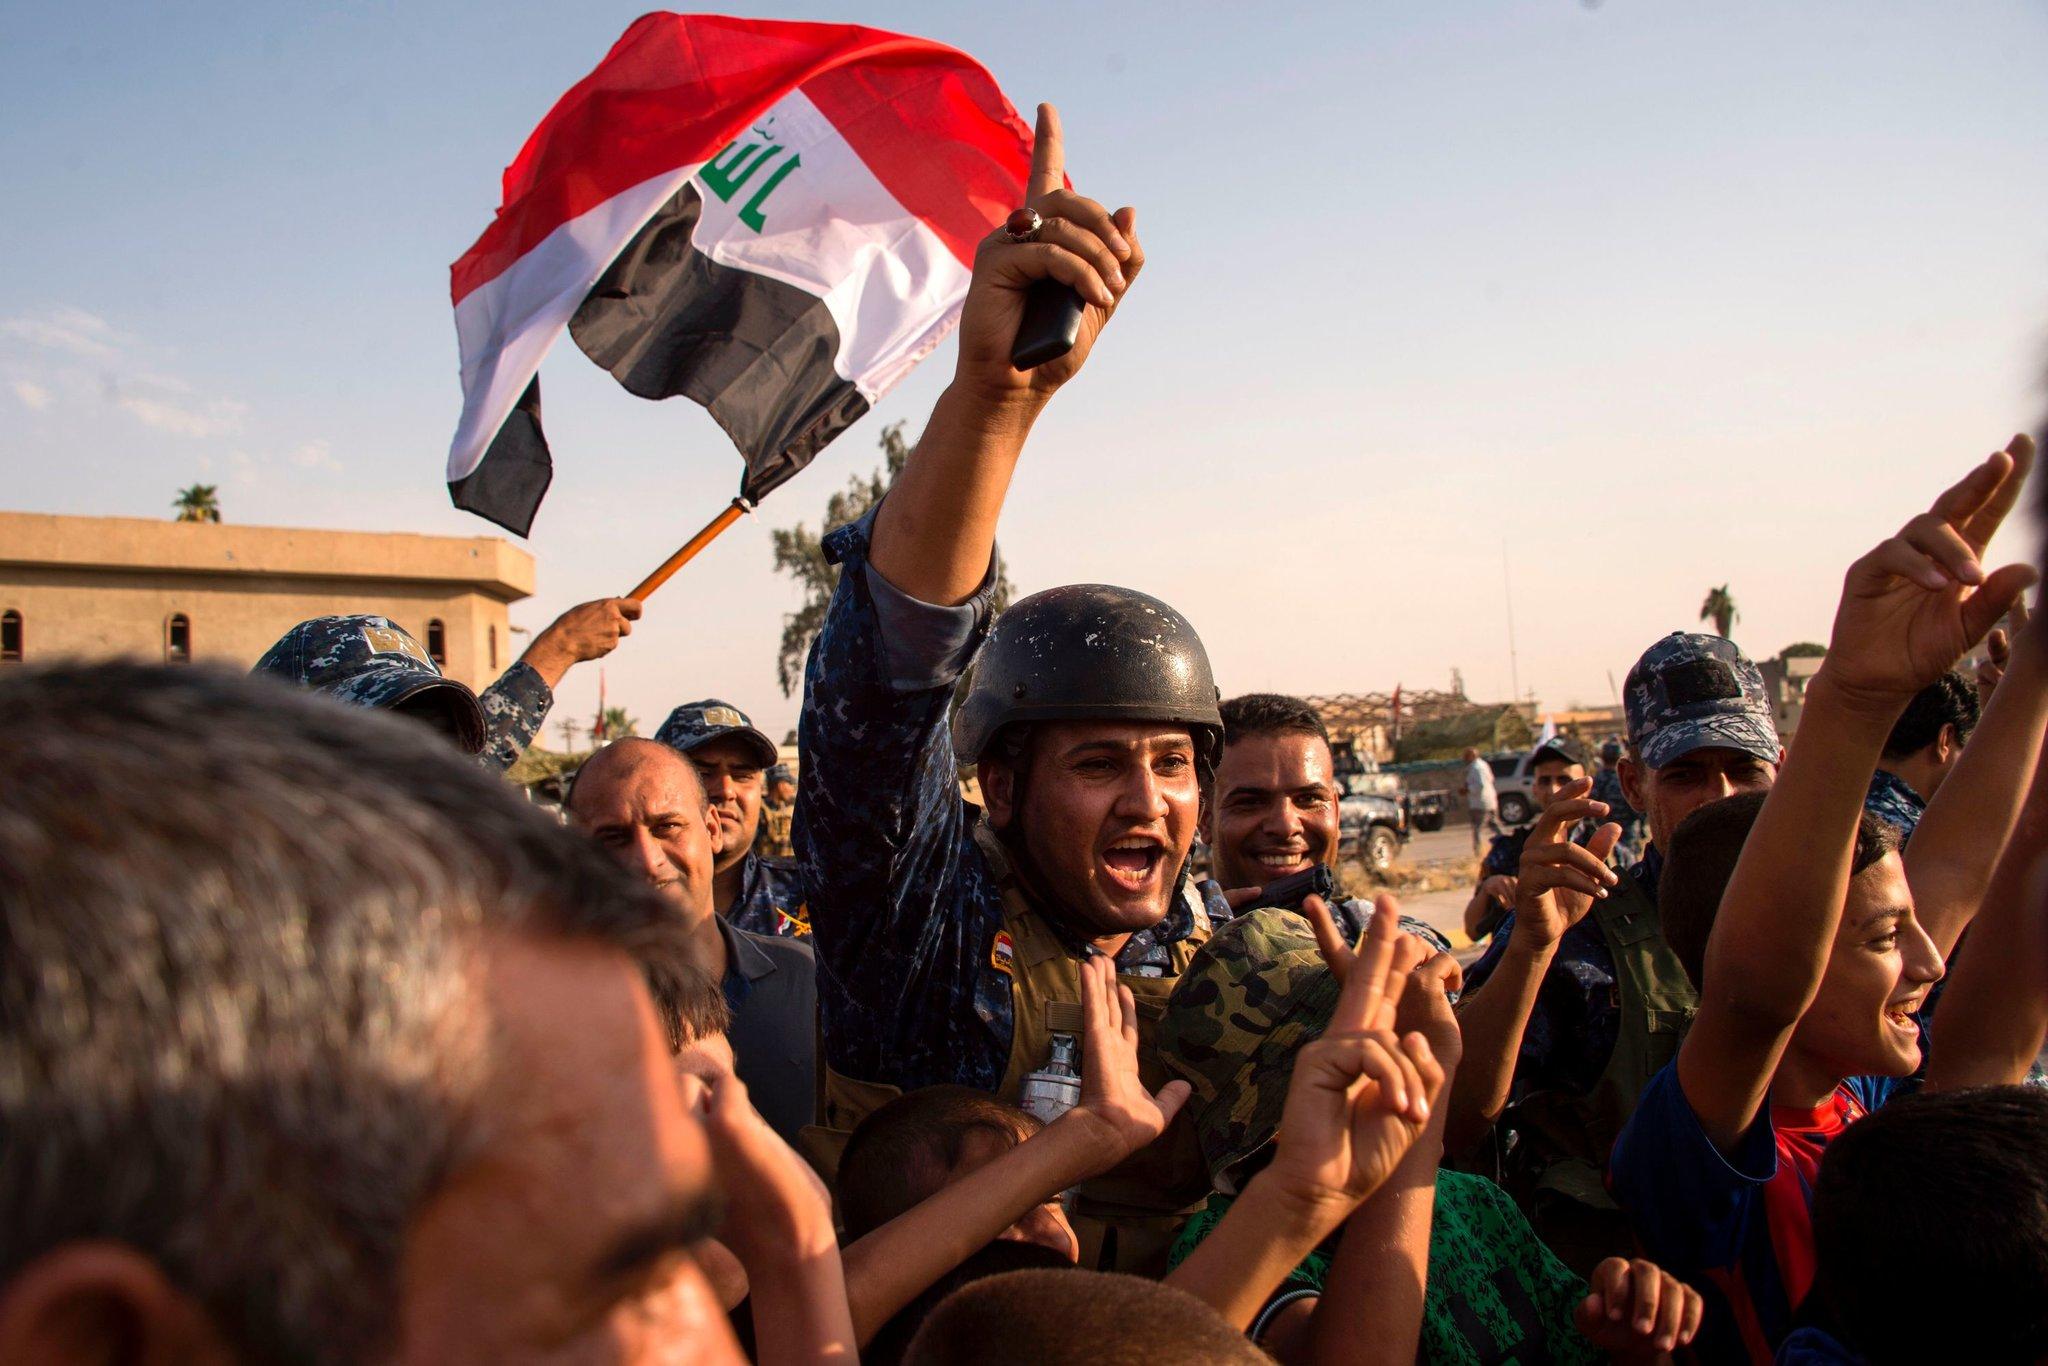 ضباط عراقيون يحتفلون بتحرير الموصل (فاضل سينا/ أ.ف.ب)